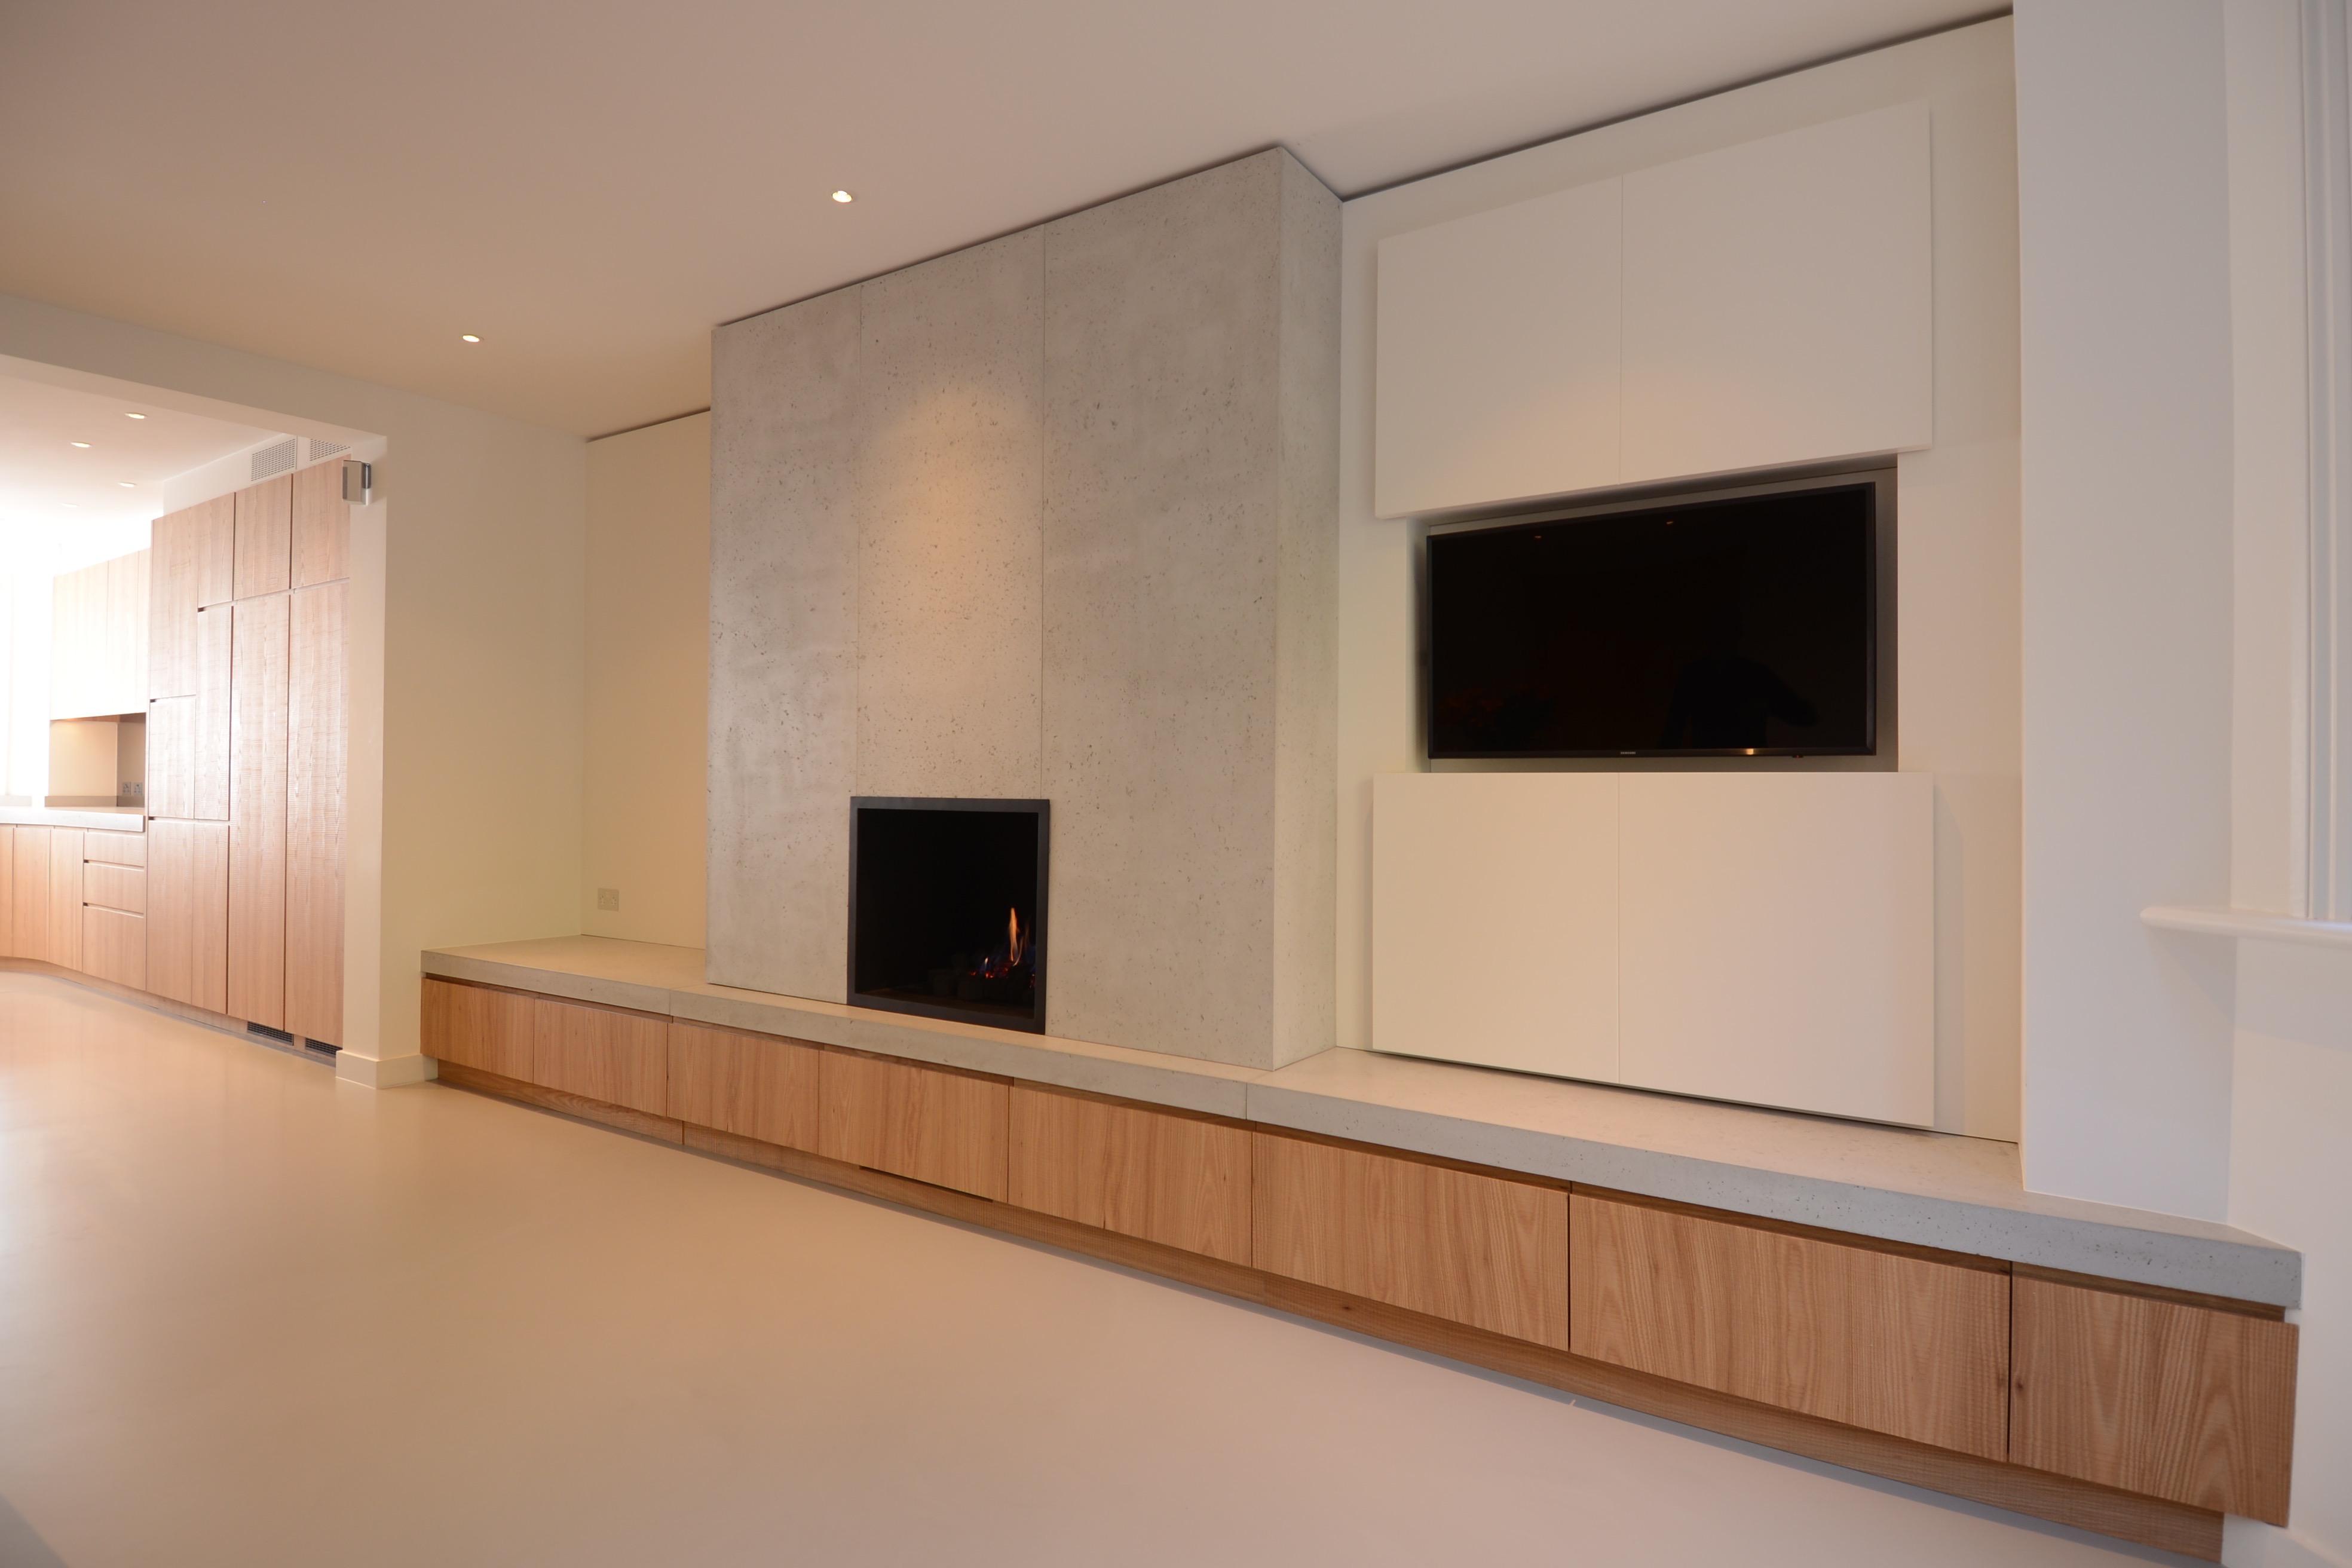 10. Dining room 1